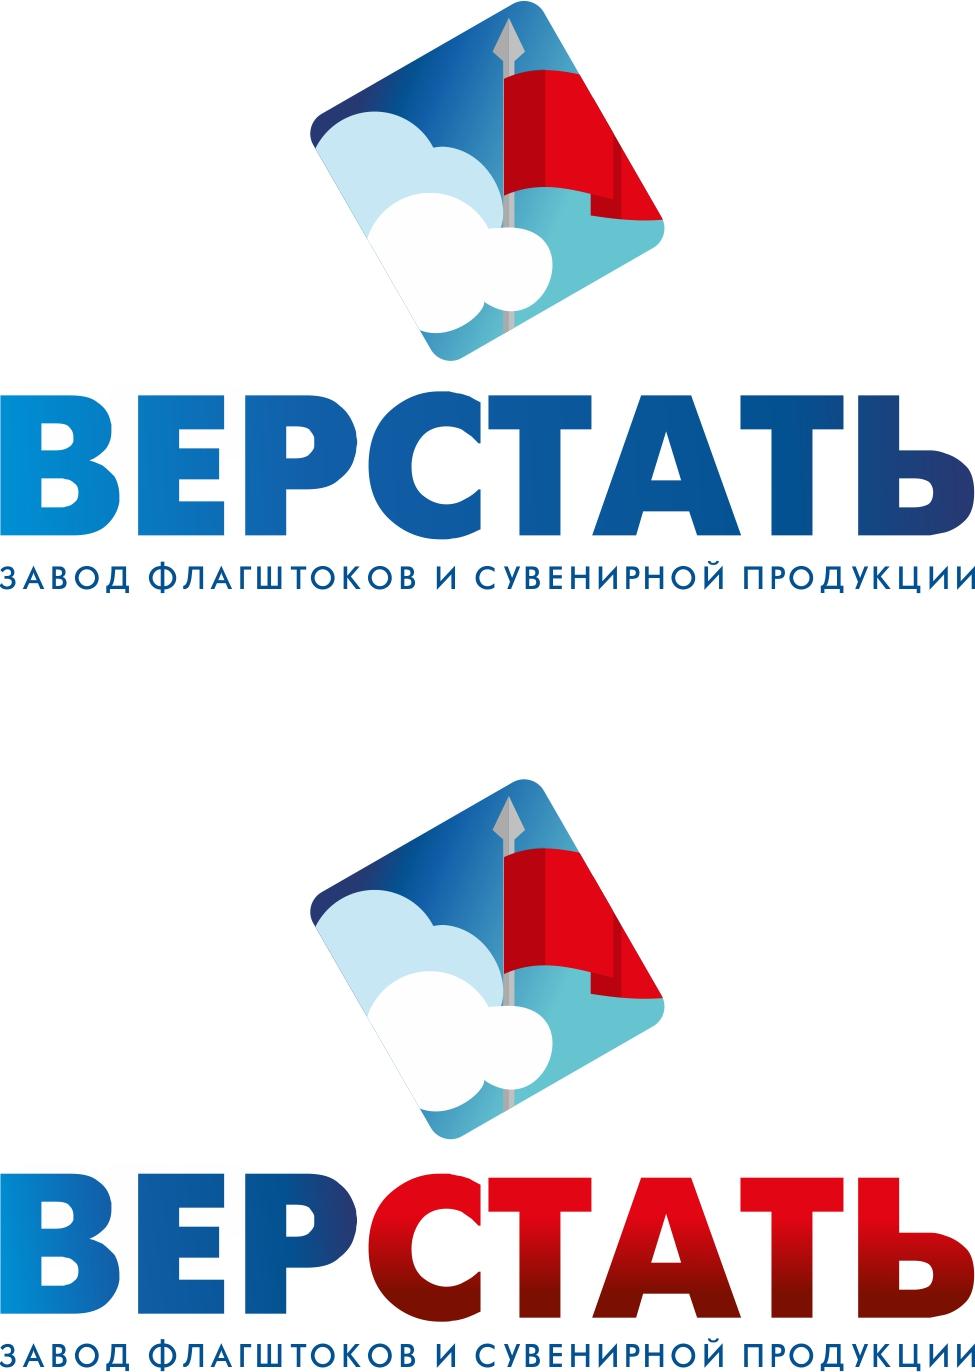 Разработка названия бренда + логотип фото f_227590c5b3375e7b.jpg